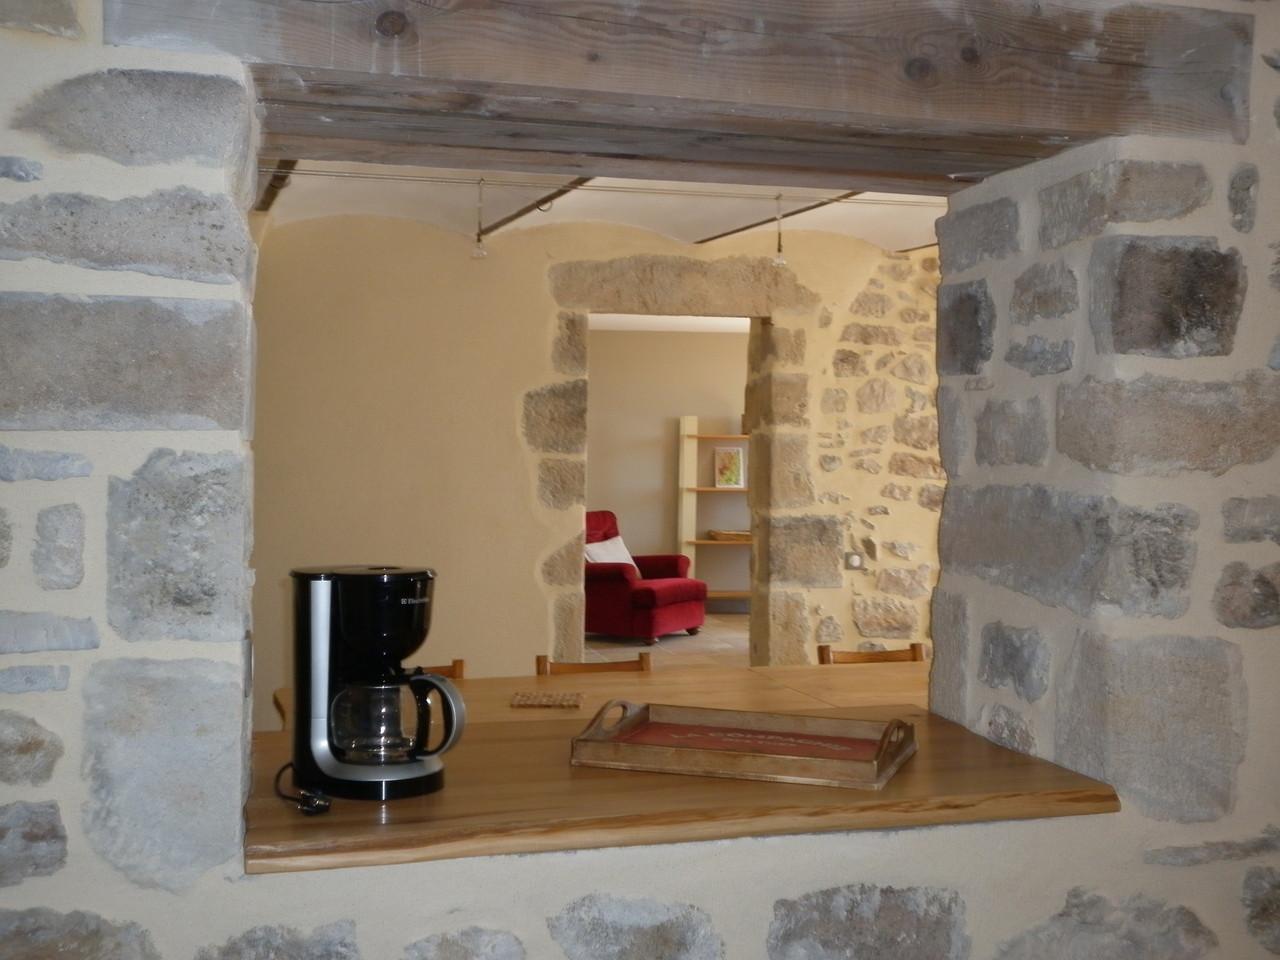 vue sur salle à manger et salon depuis le passe-plat de la cuisine du gîte de Coustillou